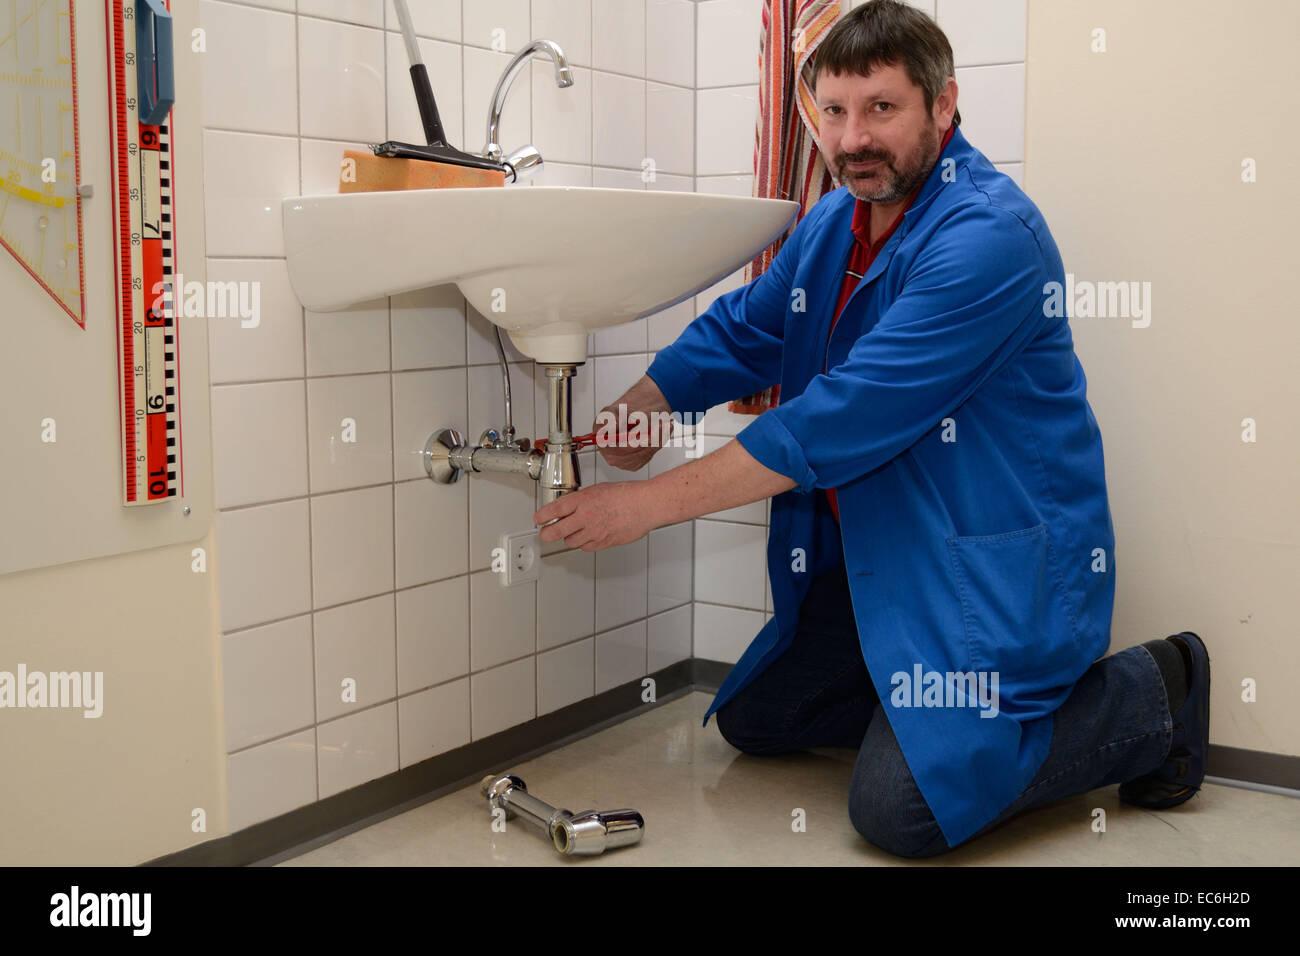 caretaker repaired sink - Stock Image